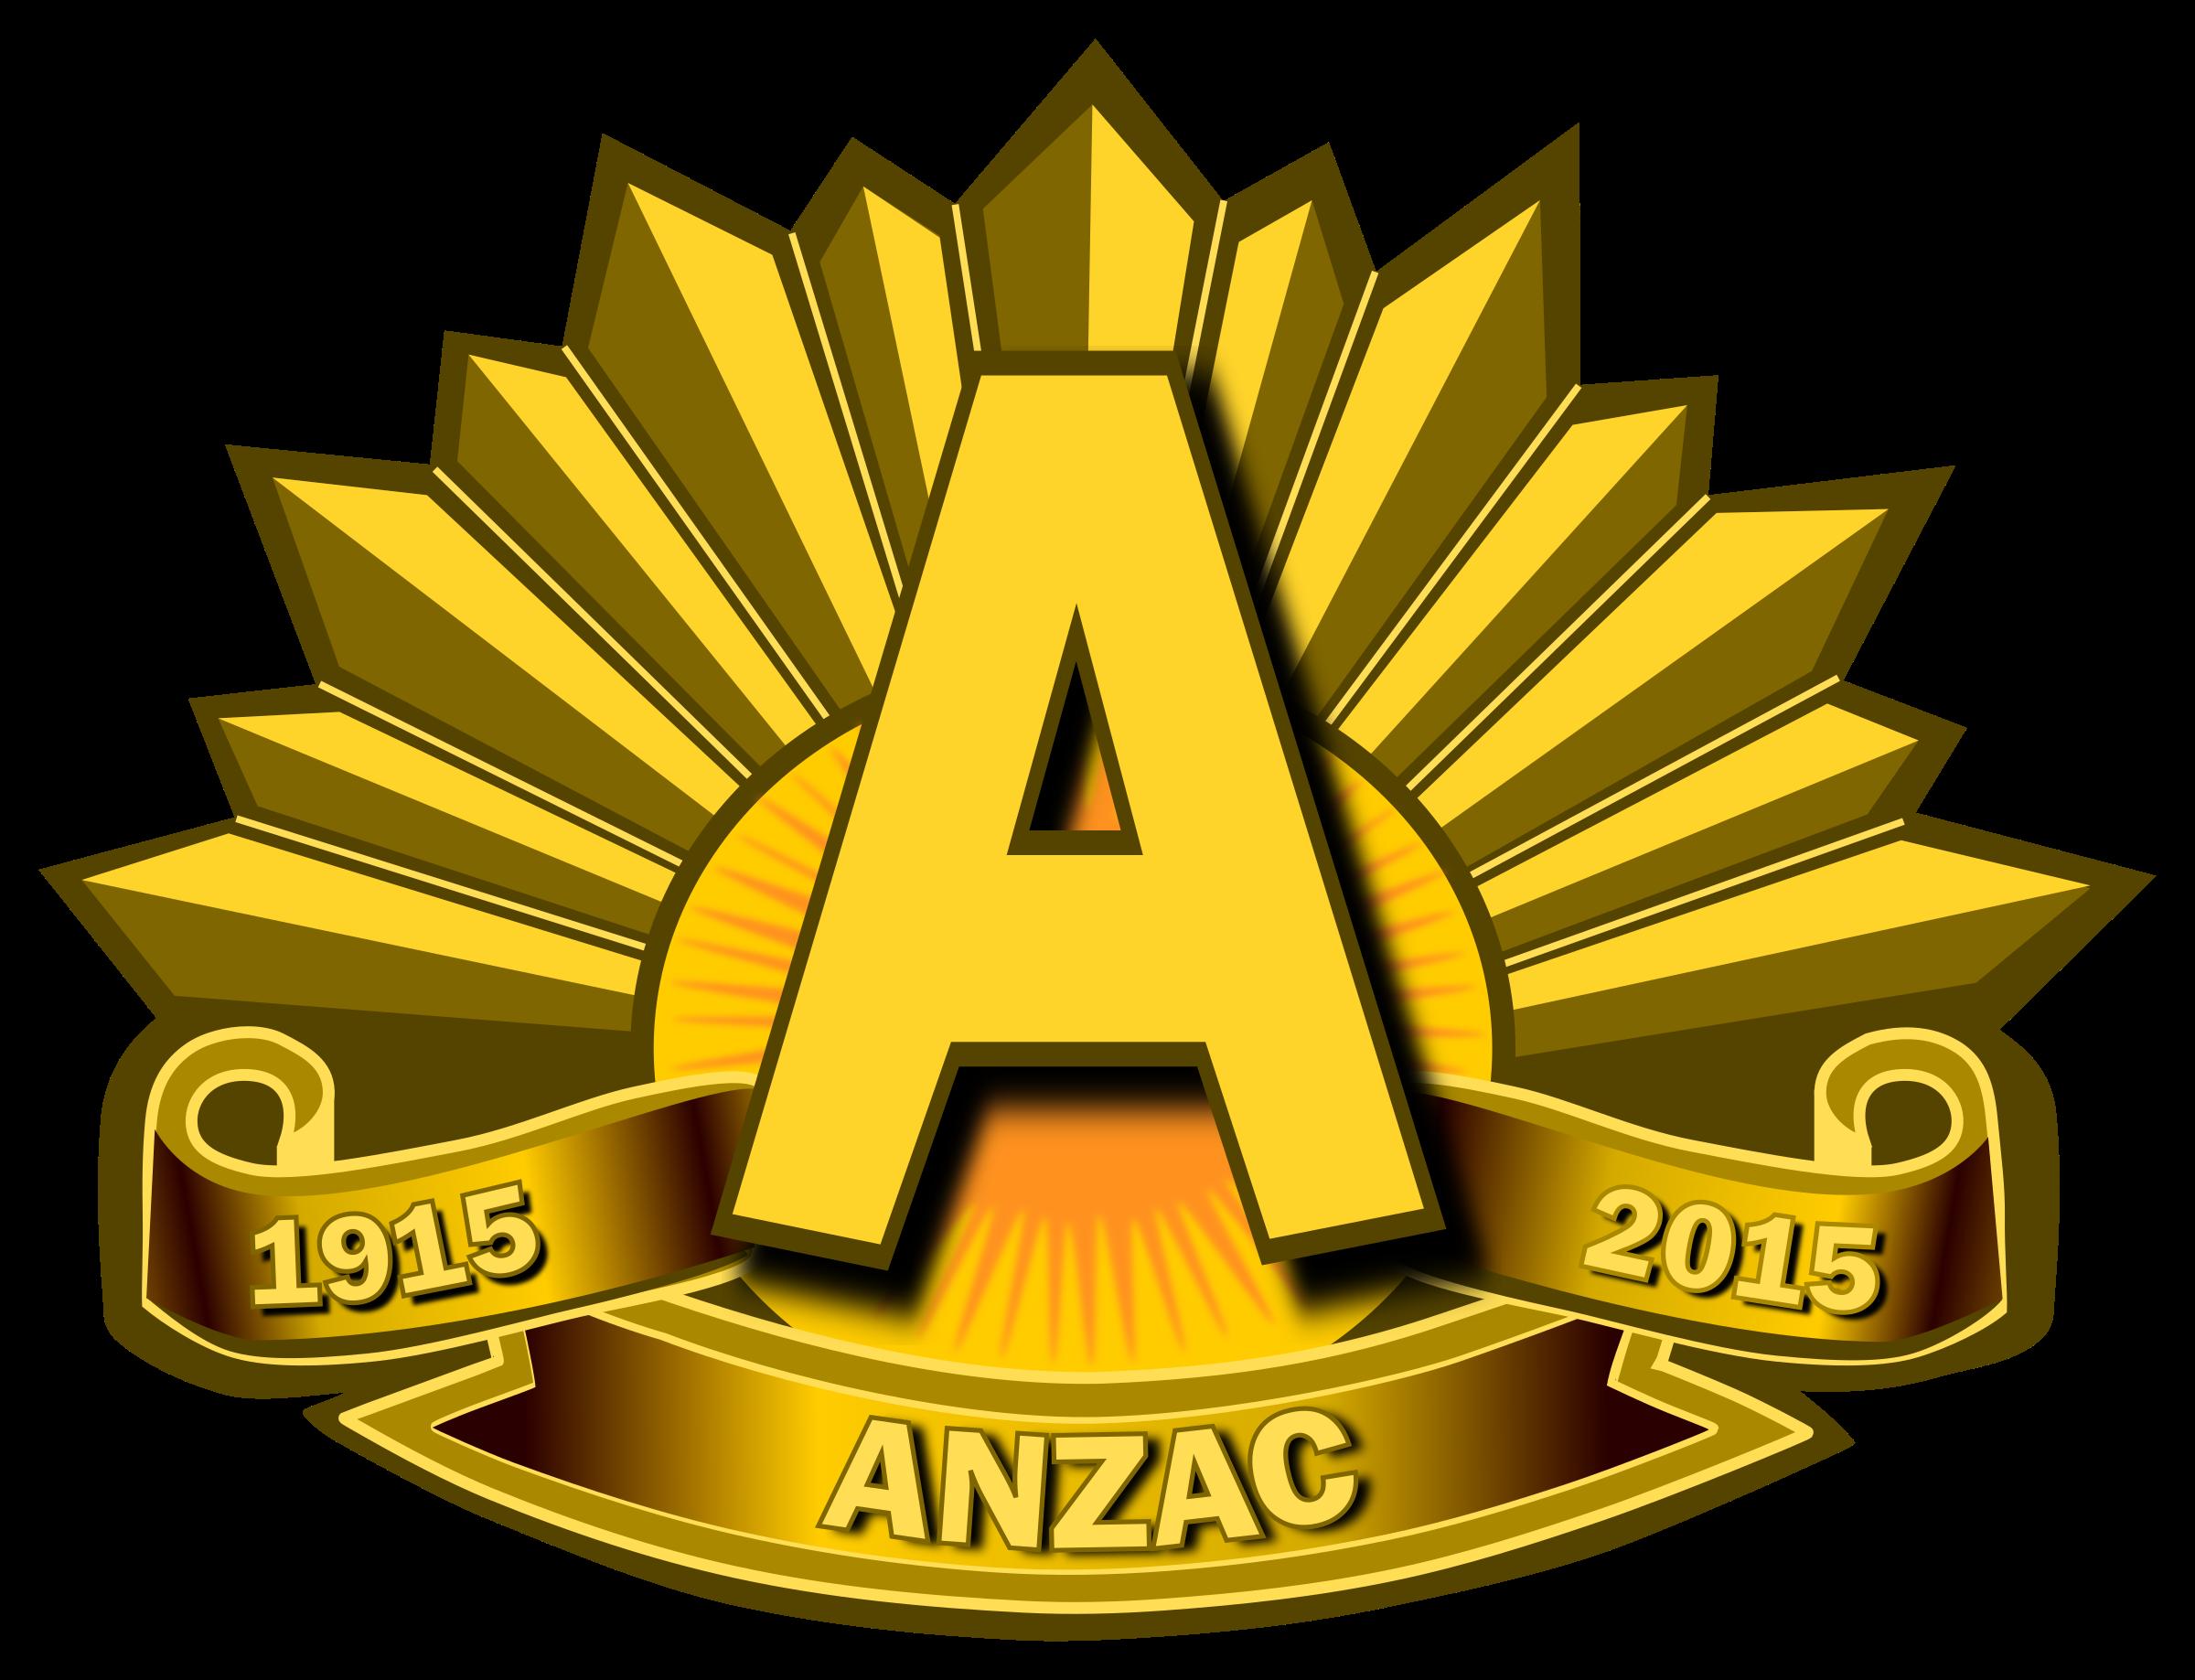 Anzac Day 2015 Clip Art.